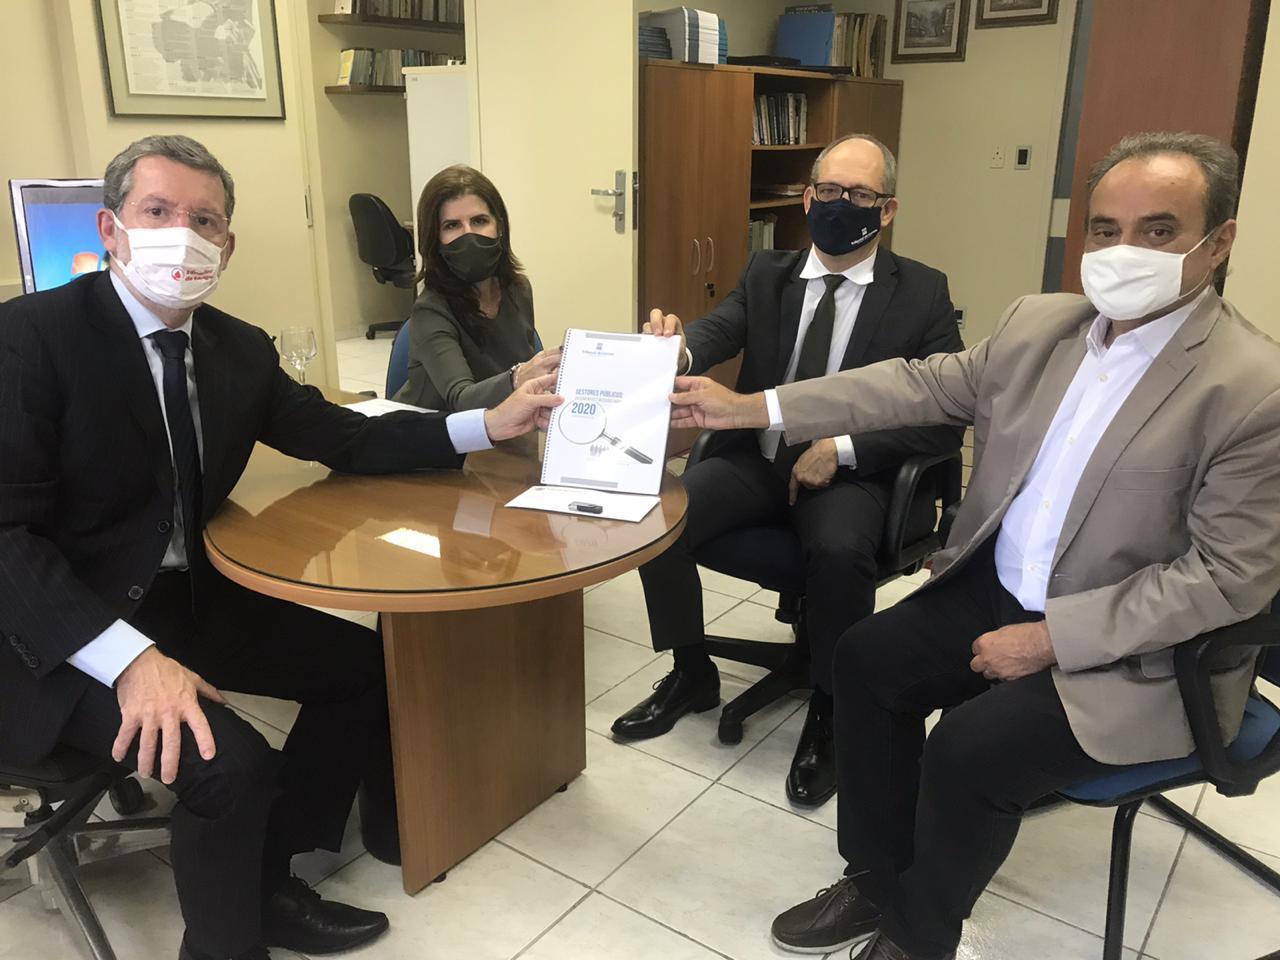 MP Eleitoral em Pernambuco recebe do TCE/PE relação de gestores com contas rejeitadas. Confira as listas